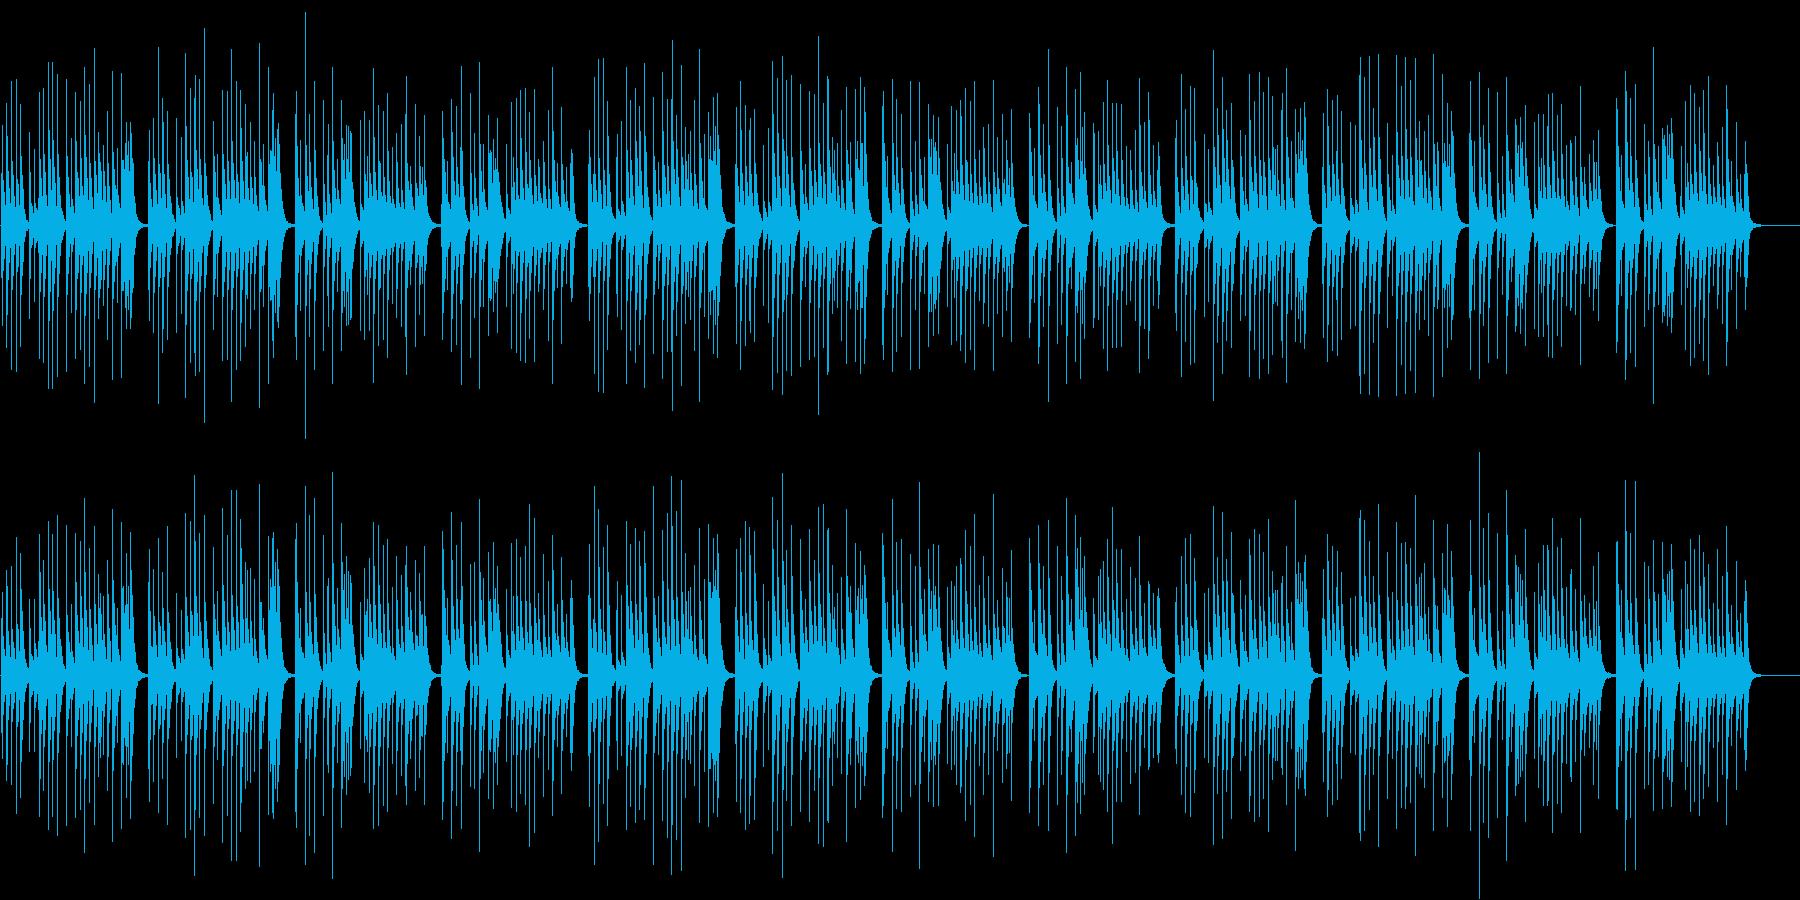 ゆったりとした和風オルゴールBGMの再生済みの波形